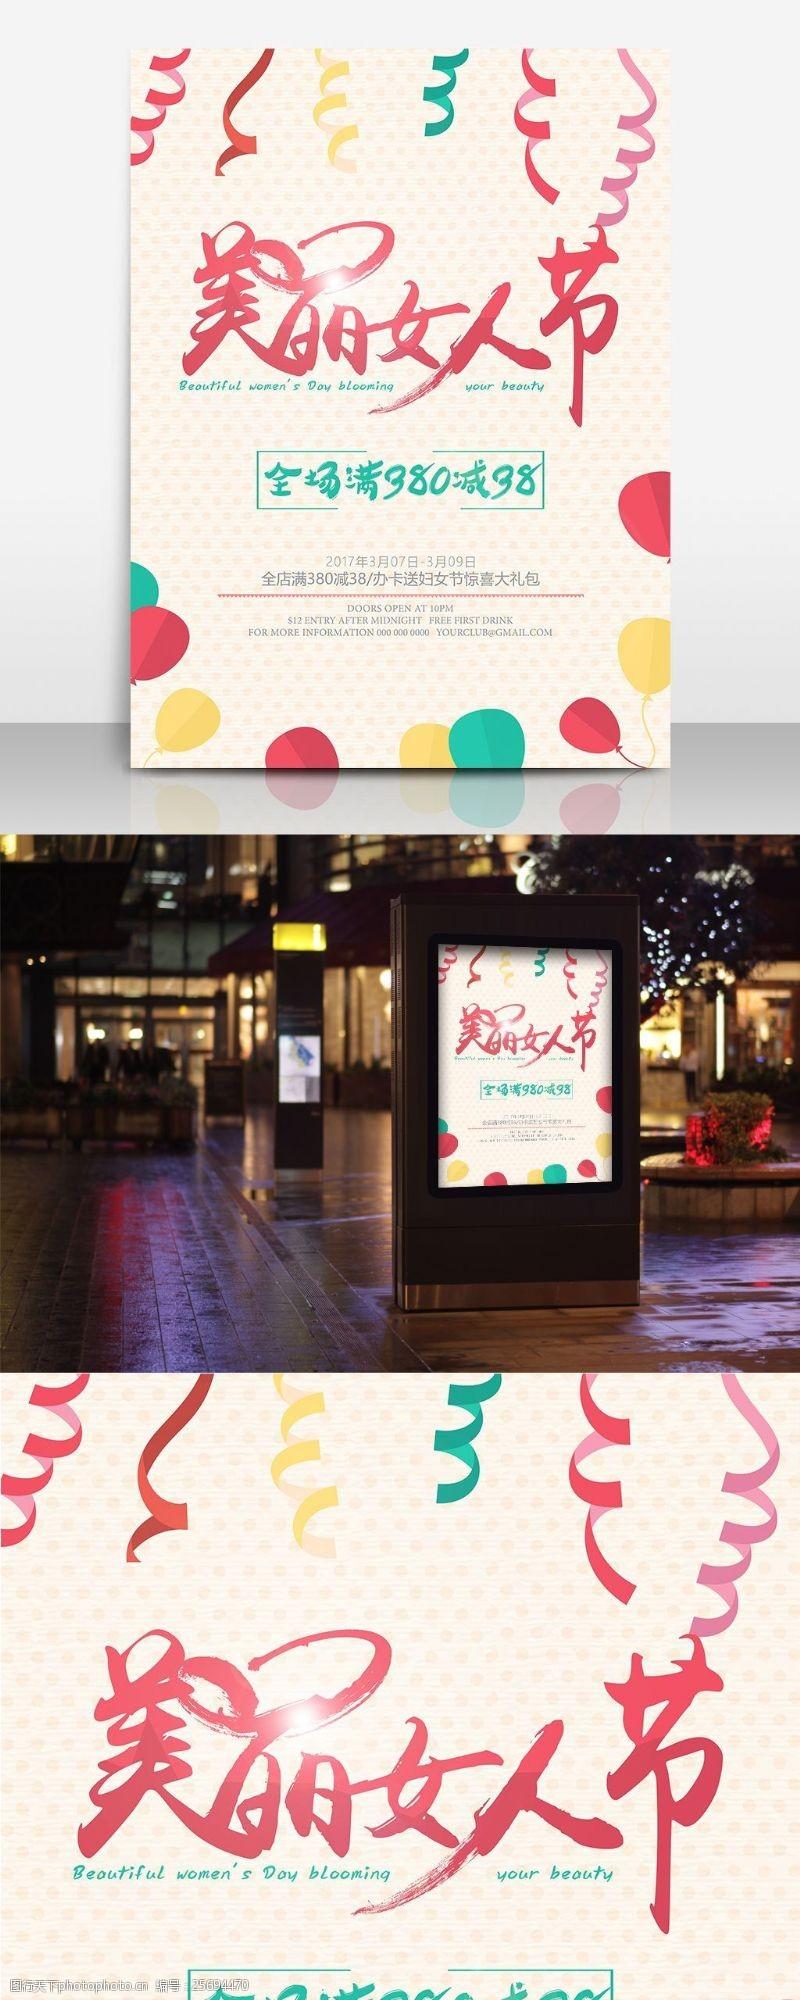 三八节宣传美丽女人节38女人节平面促销节日海报